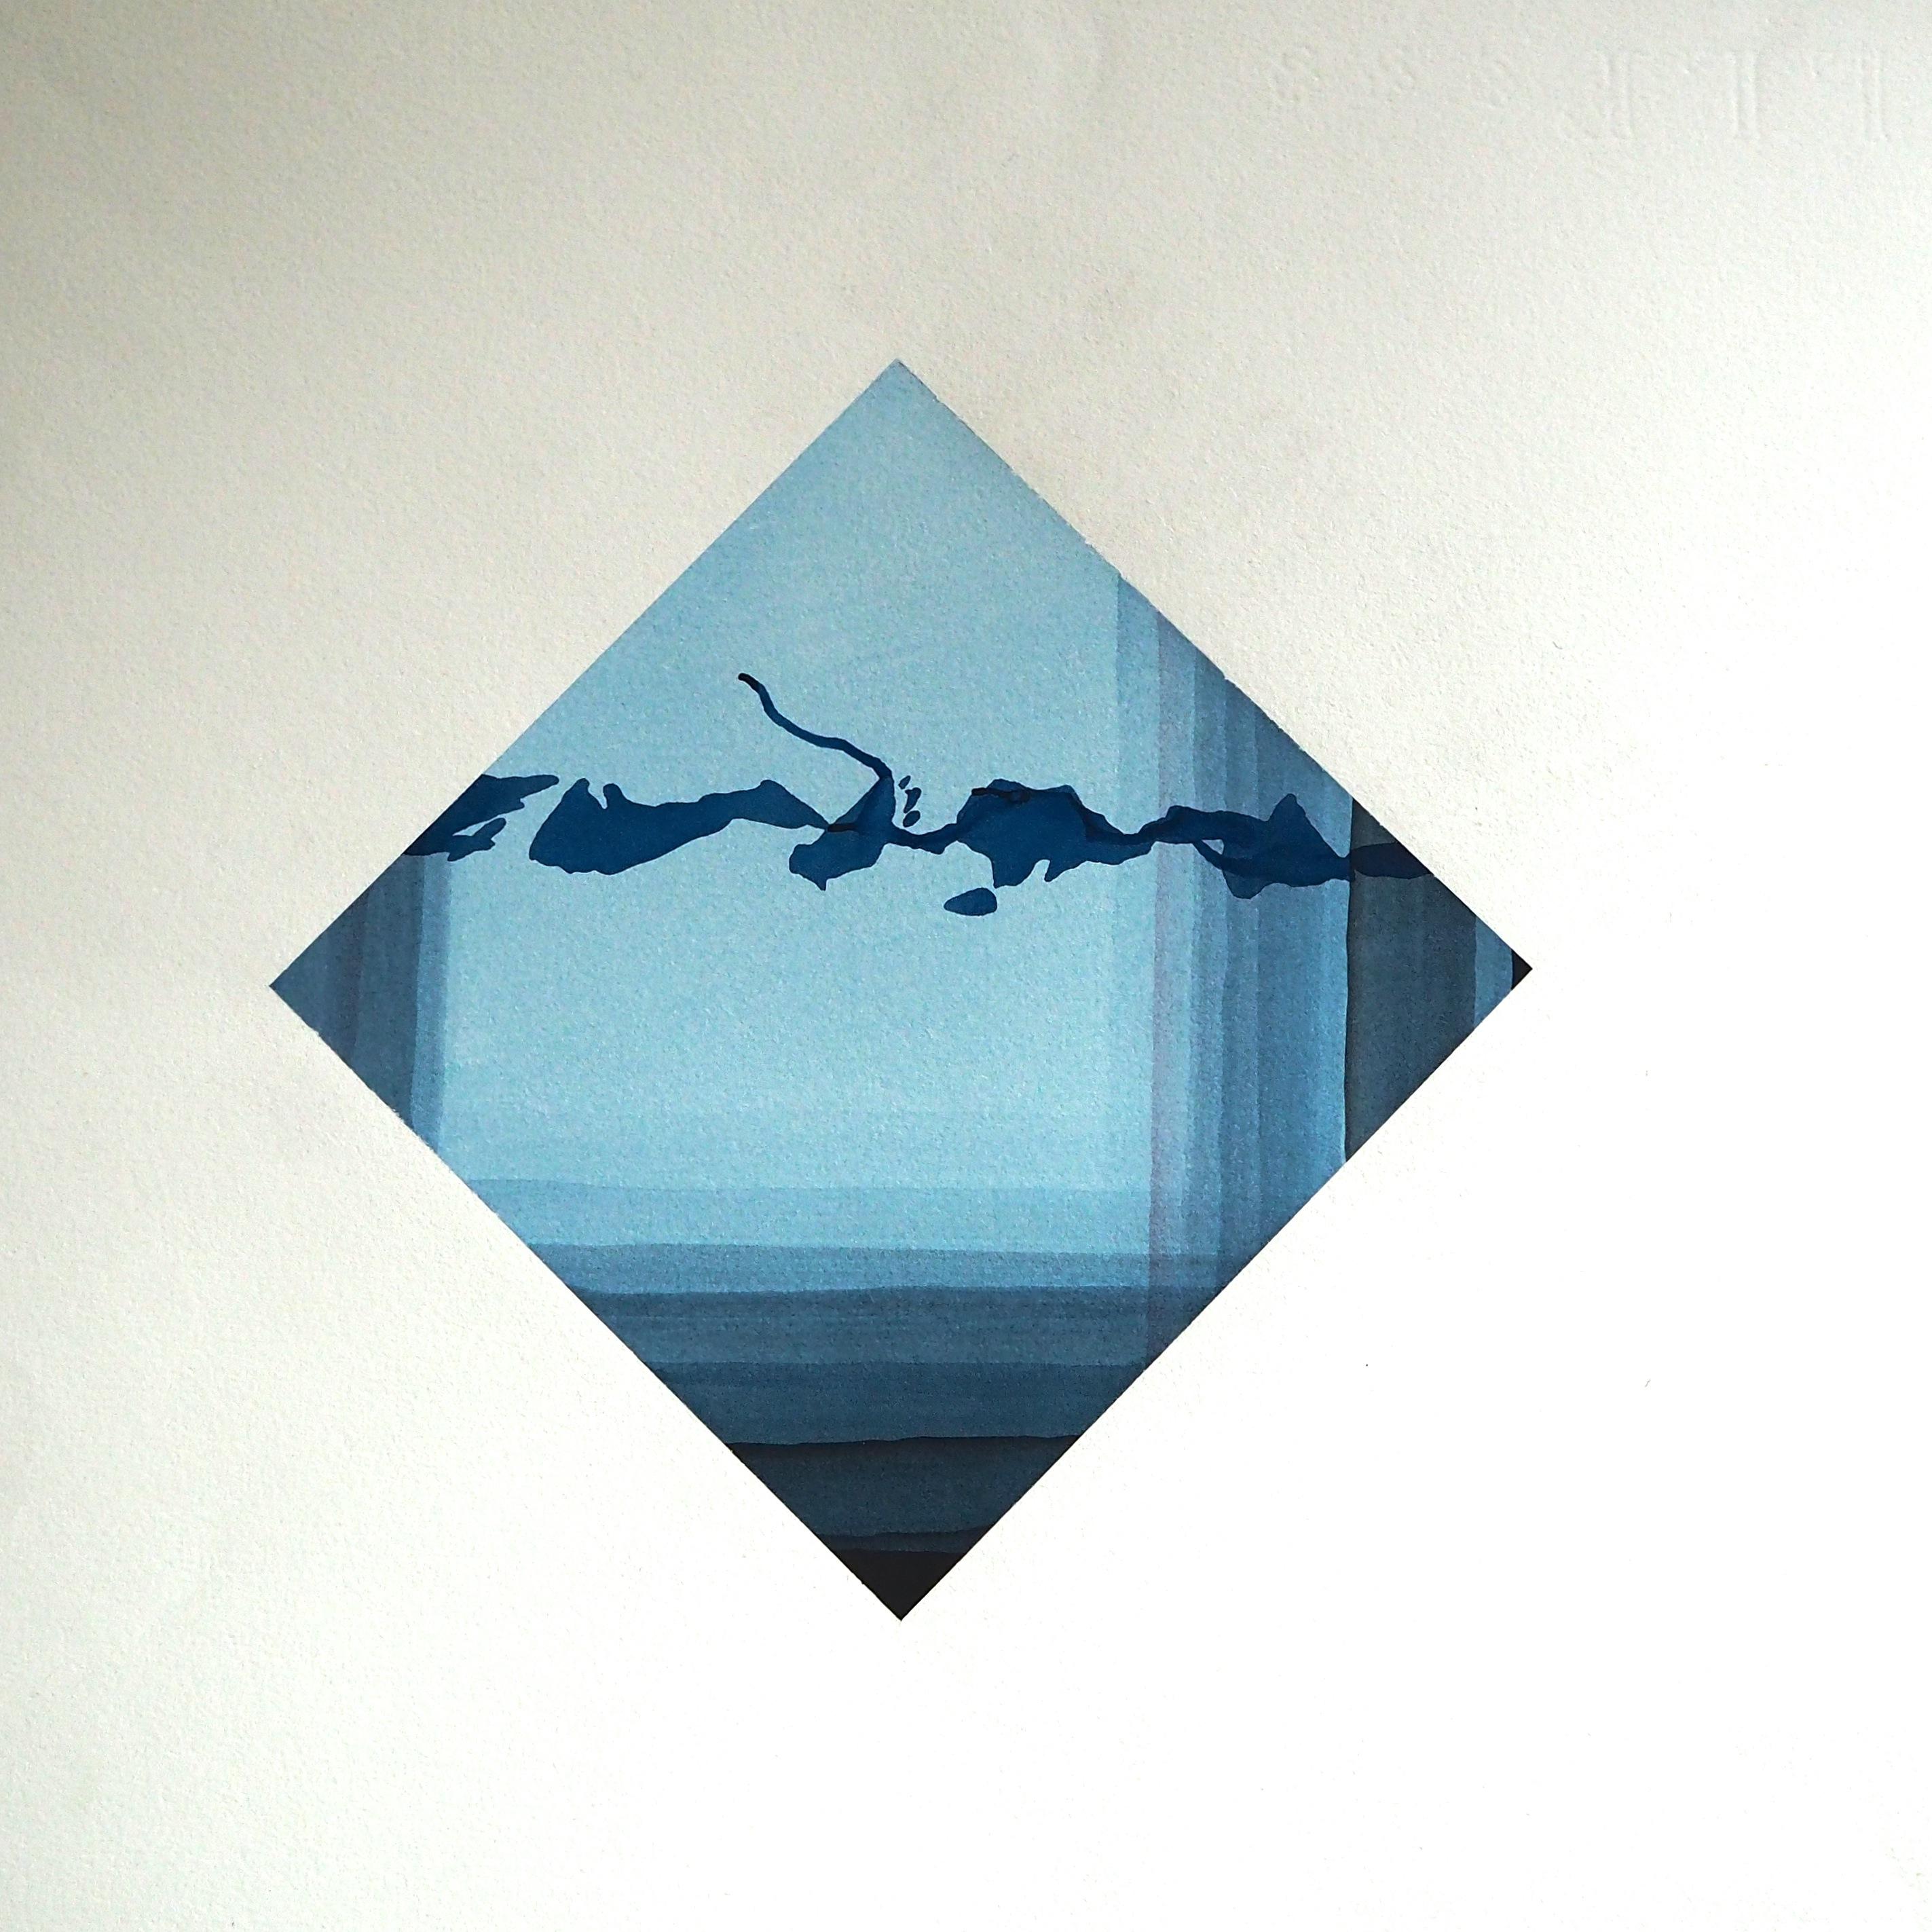 aquarelle 1975 - 60 x 60 cm